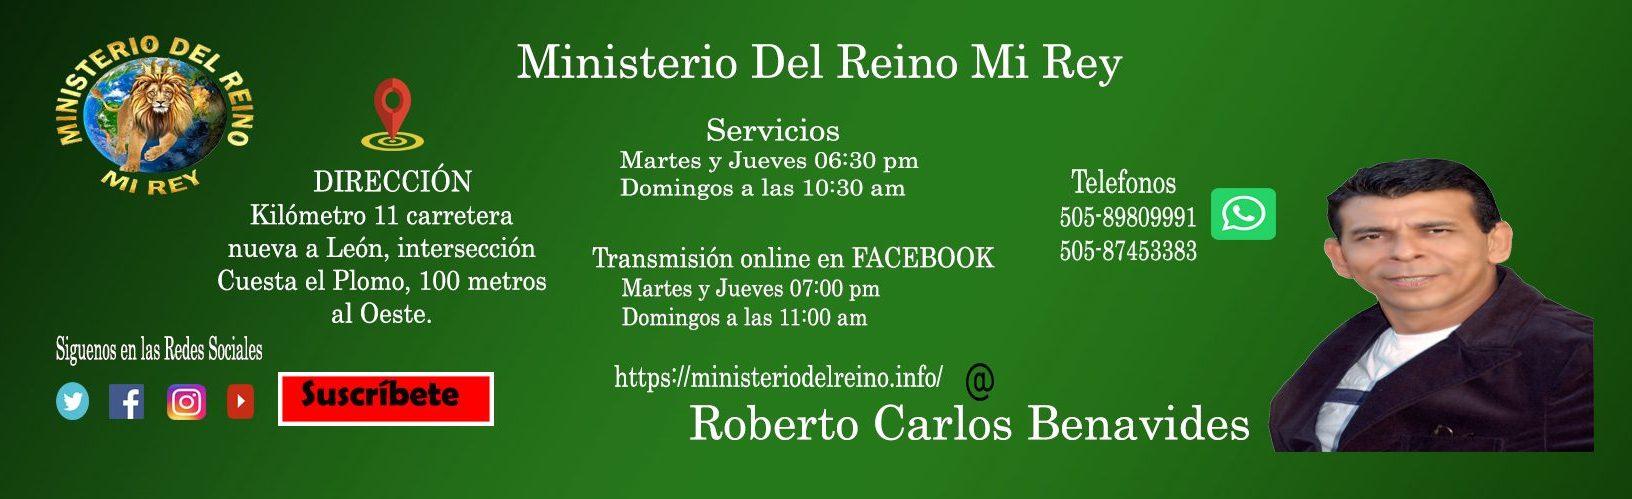 Ministerio Del Reino